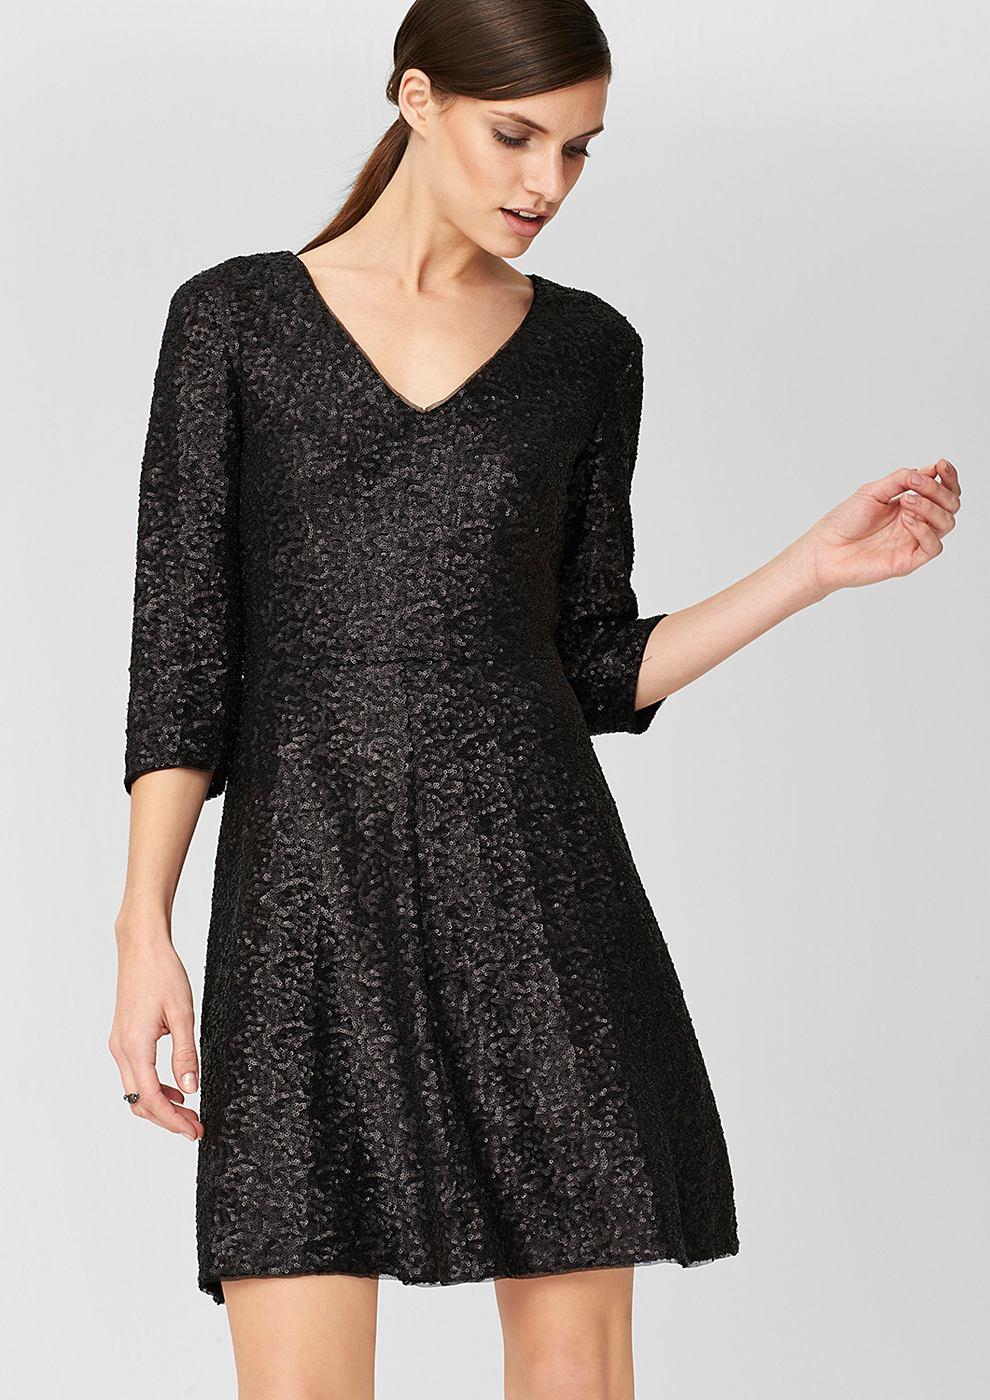 s.Oliver Premium Getailleerde jurk met pailletjes zwart